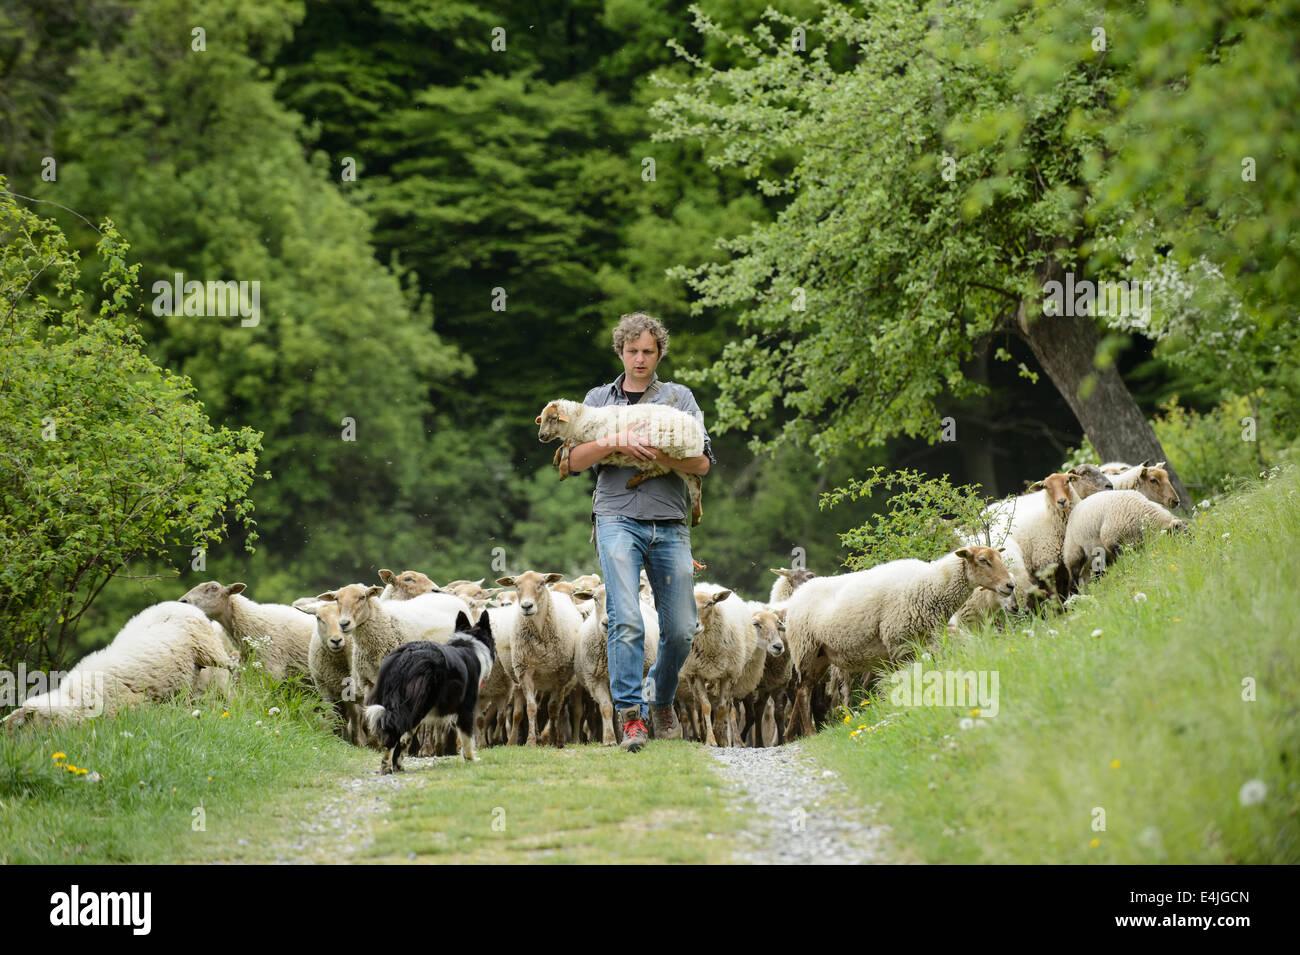 Berger avec un troupeau de moutons qui le suivent, portant un agneau blessé. Photo Stock